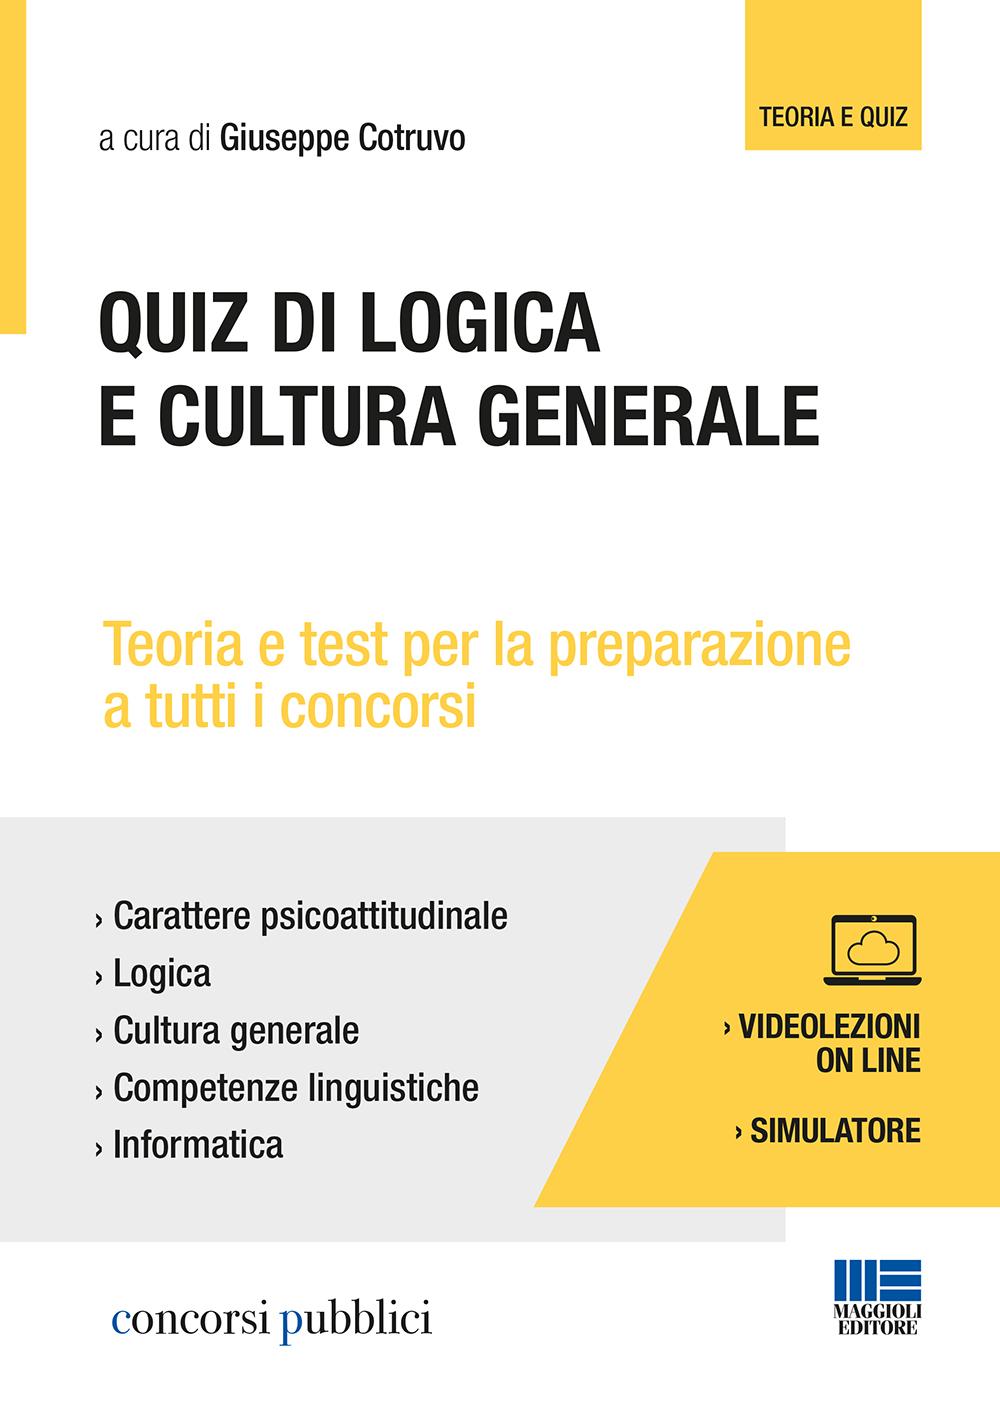 Quiz di logica e cultura generale - concorsi pubblici